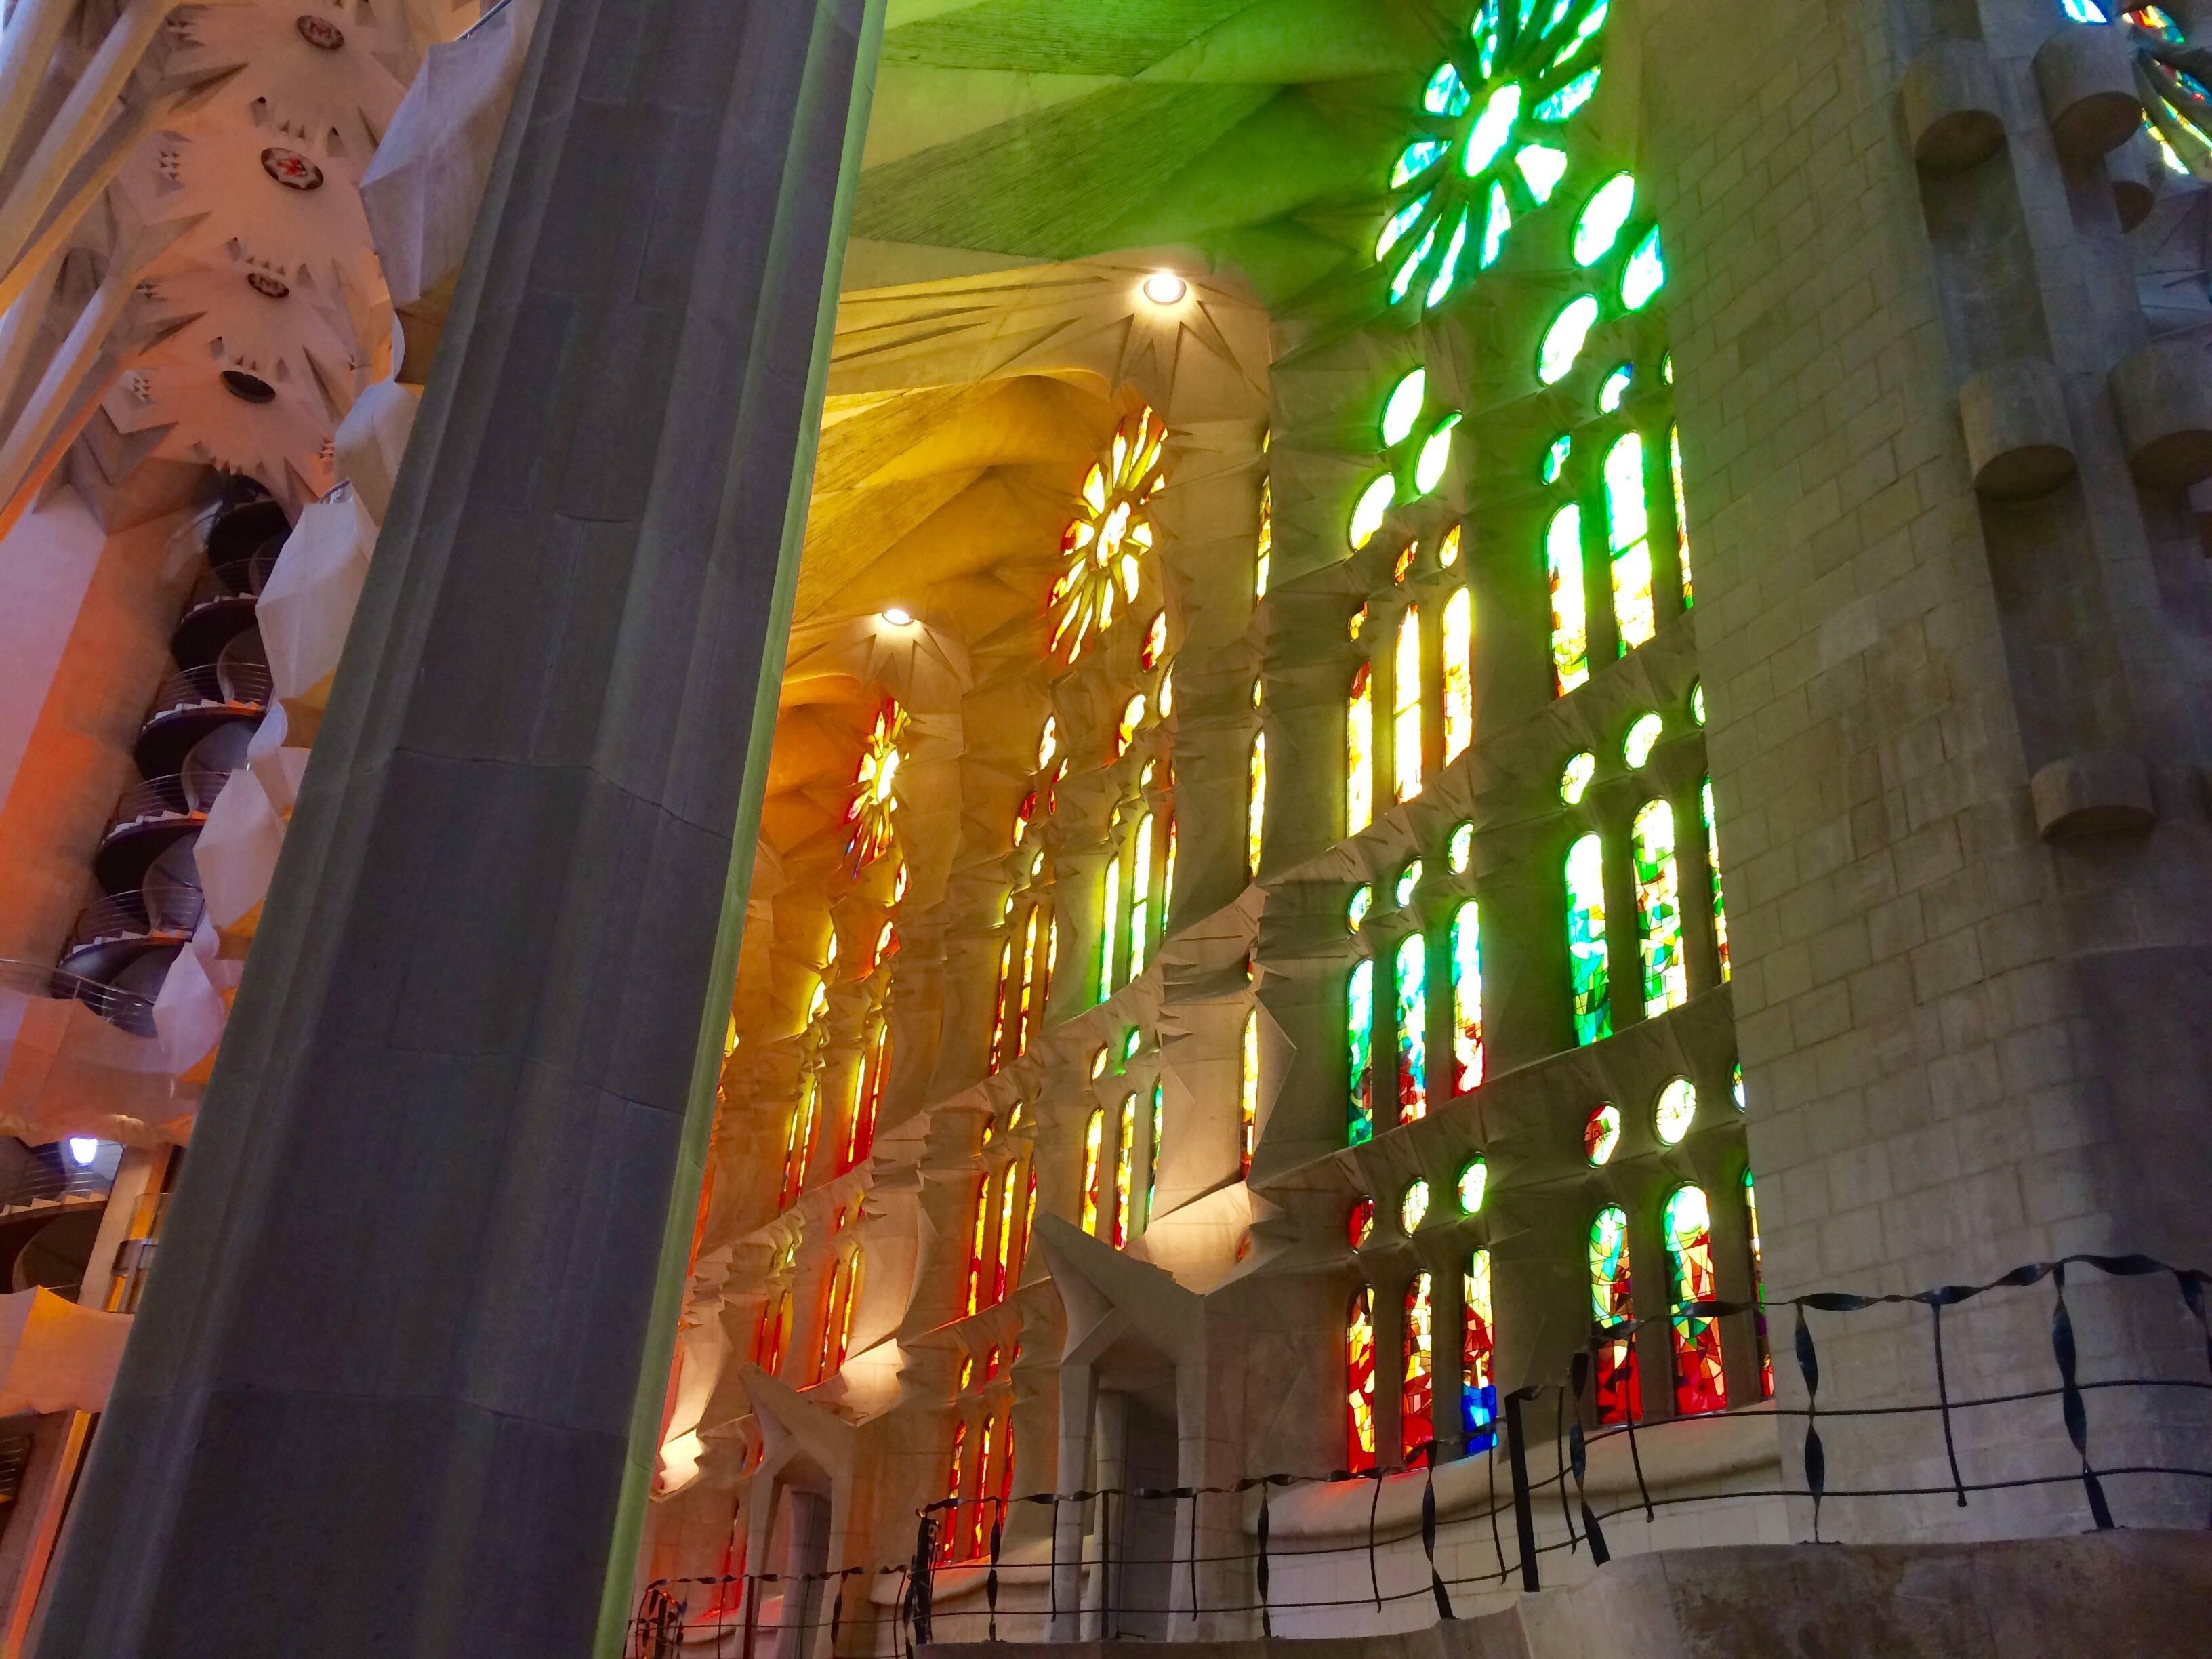 Sagrada familia and gaud a calm and comfortable guided tour - Sagrada familia interieur ...